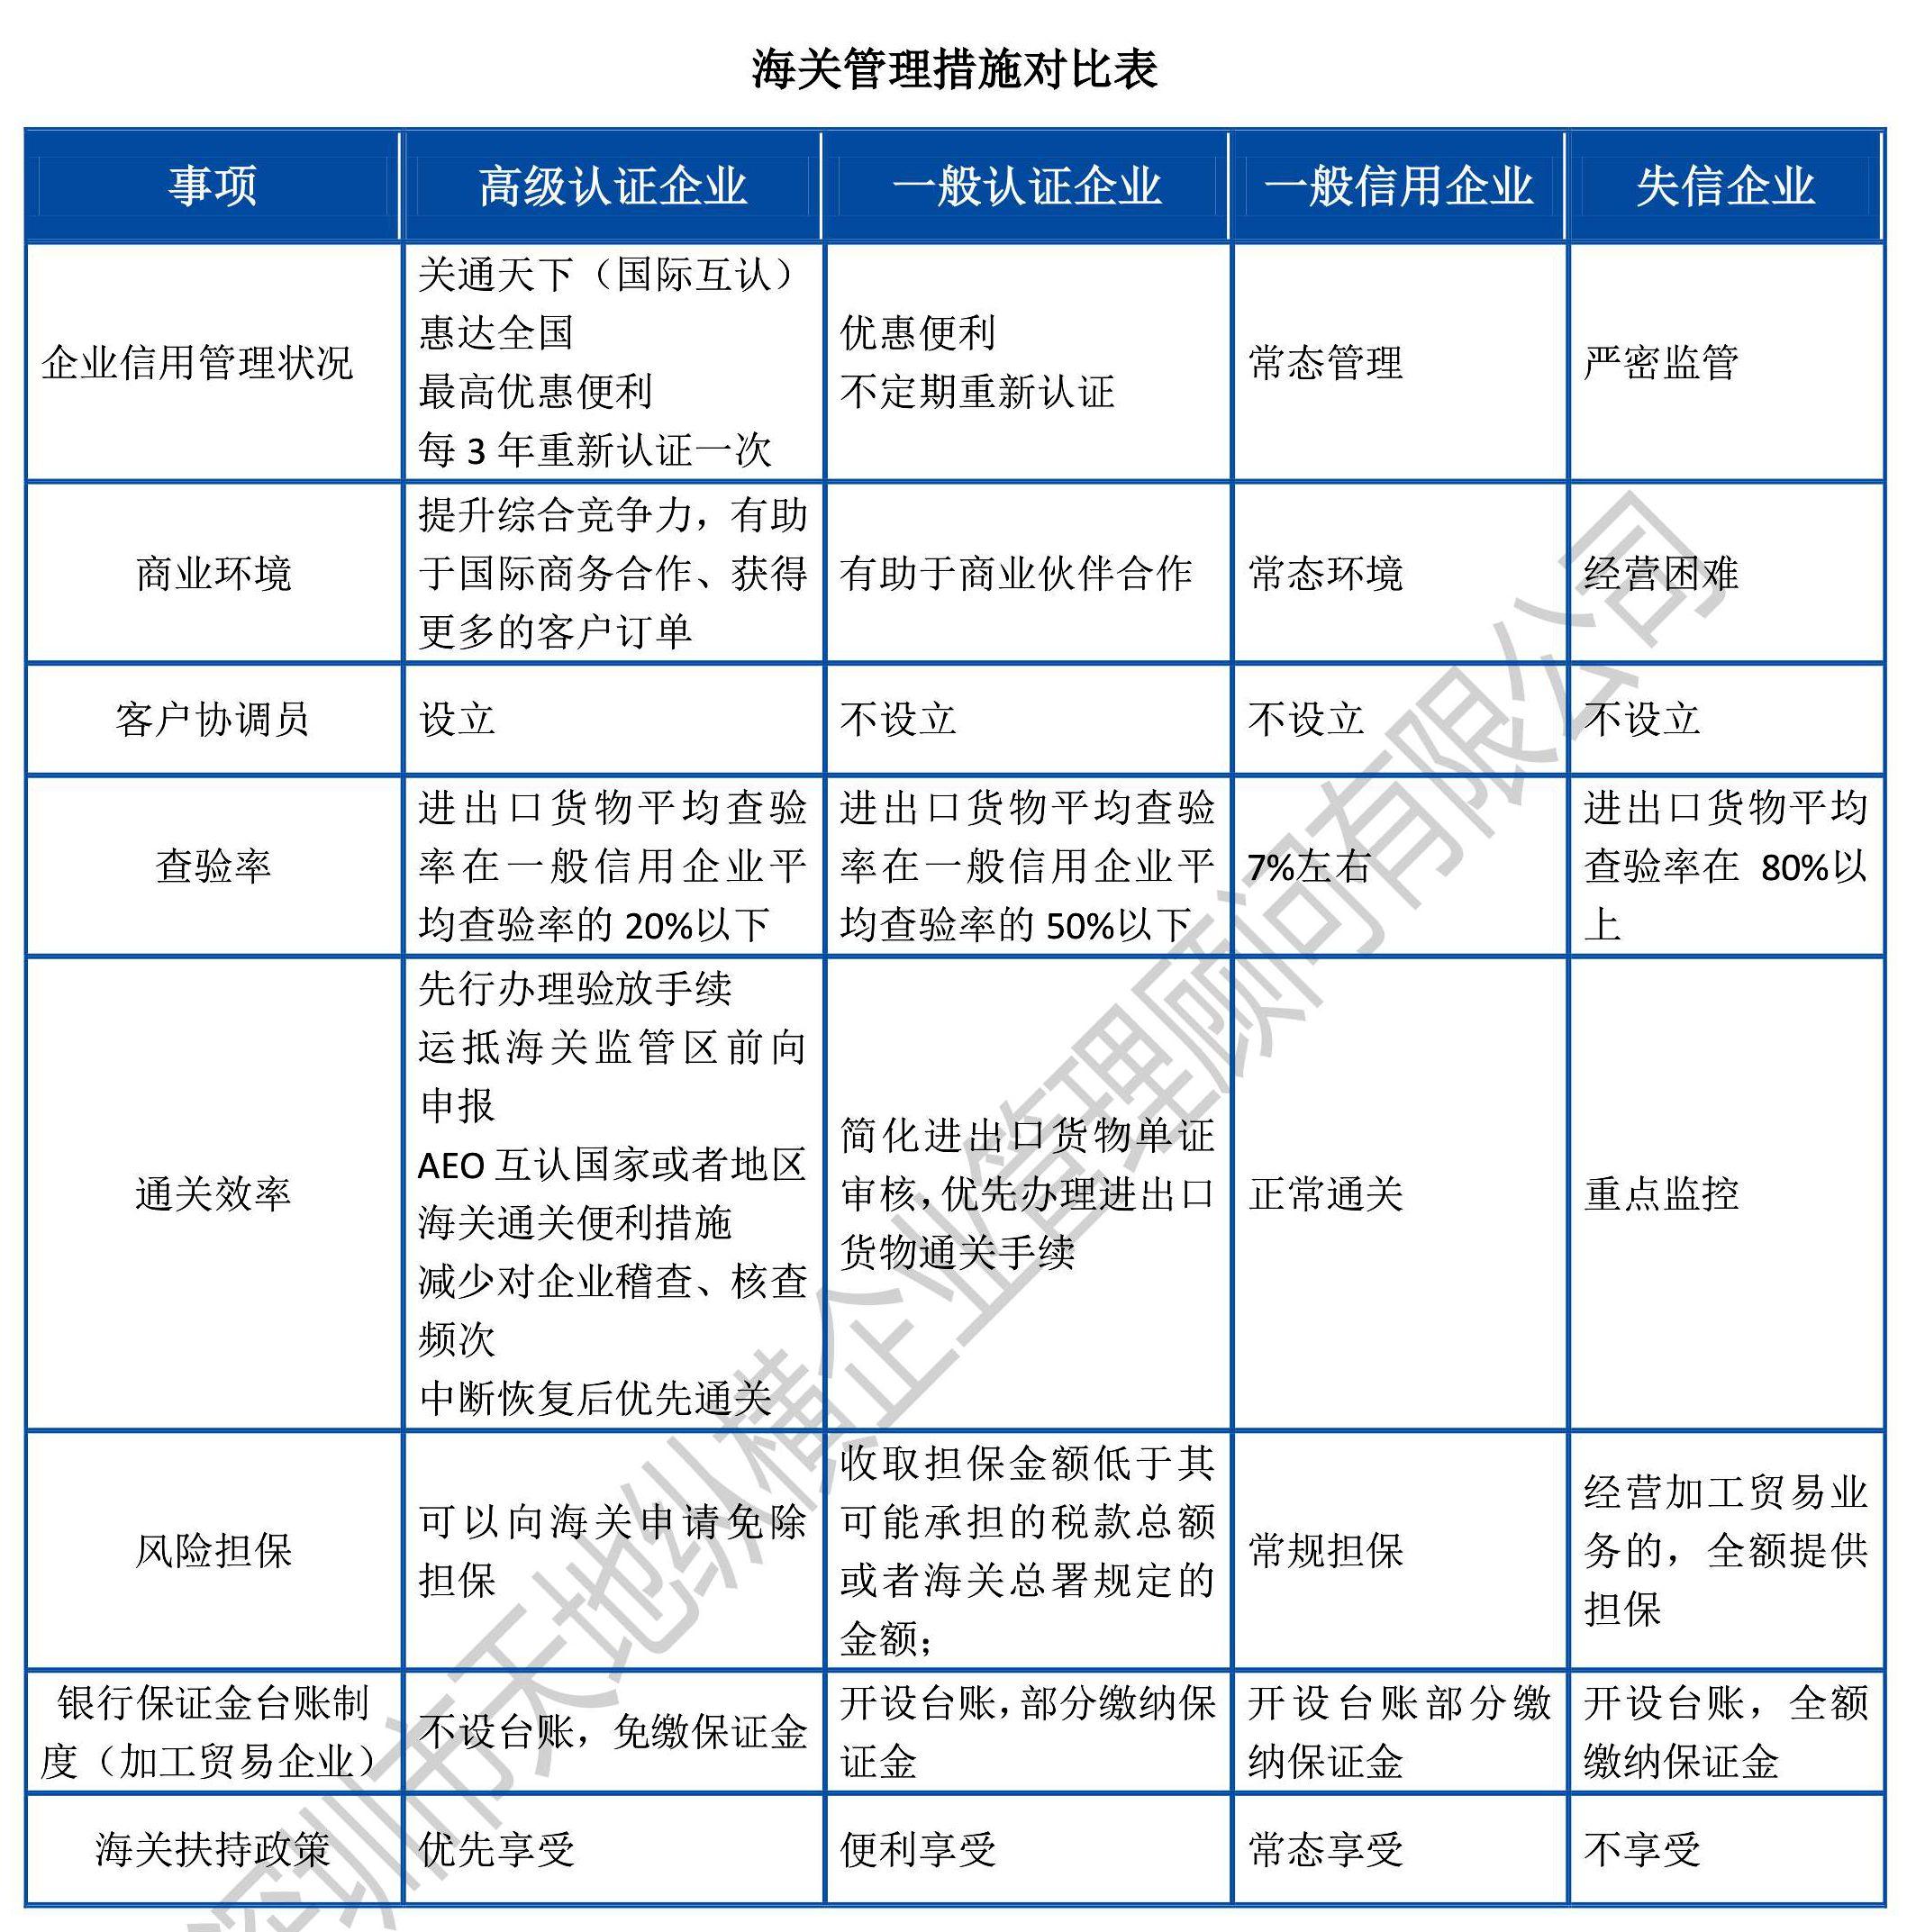 評議 | 數說中國海關AEO企業信用管理體系建設 (2018)